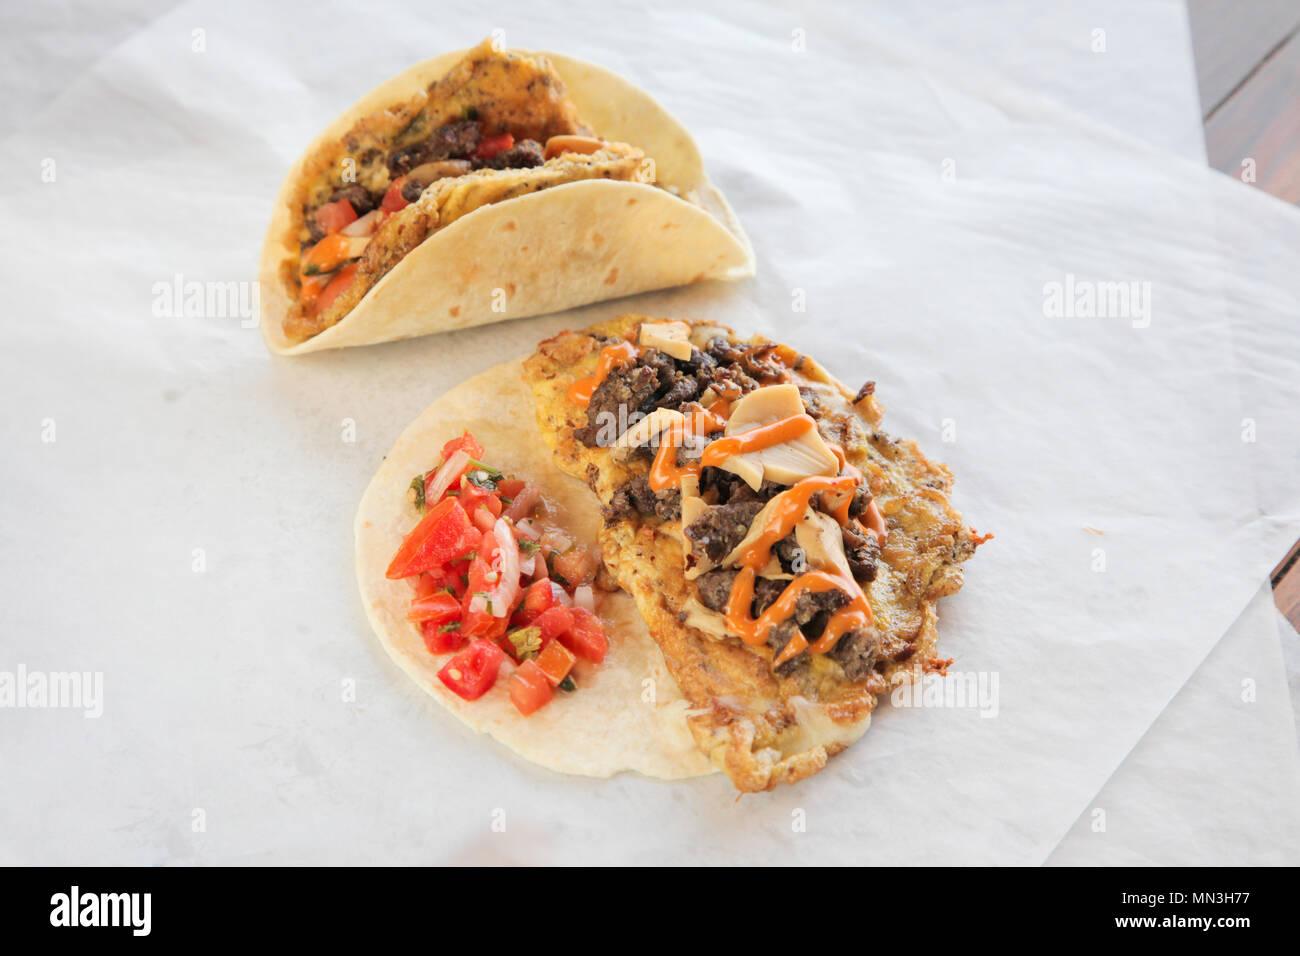 Beef steak mushroom omelette taco tortilla wrap breakfast - Stock Image